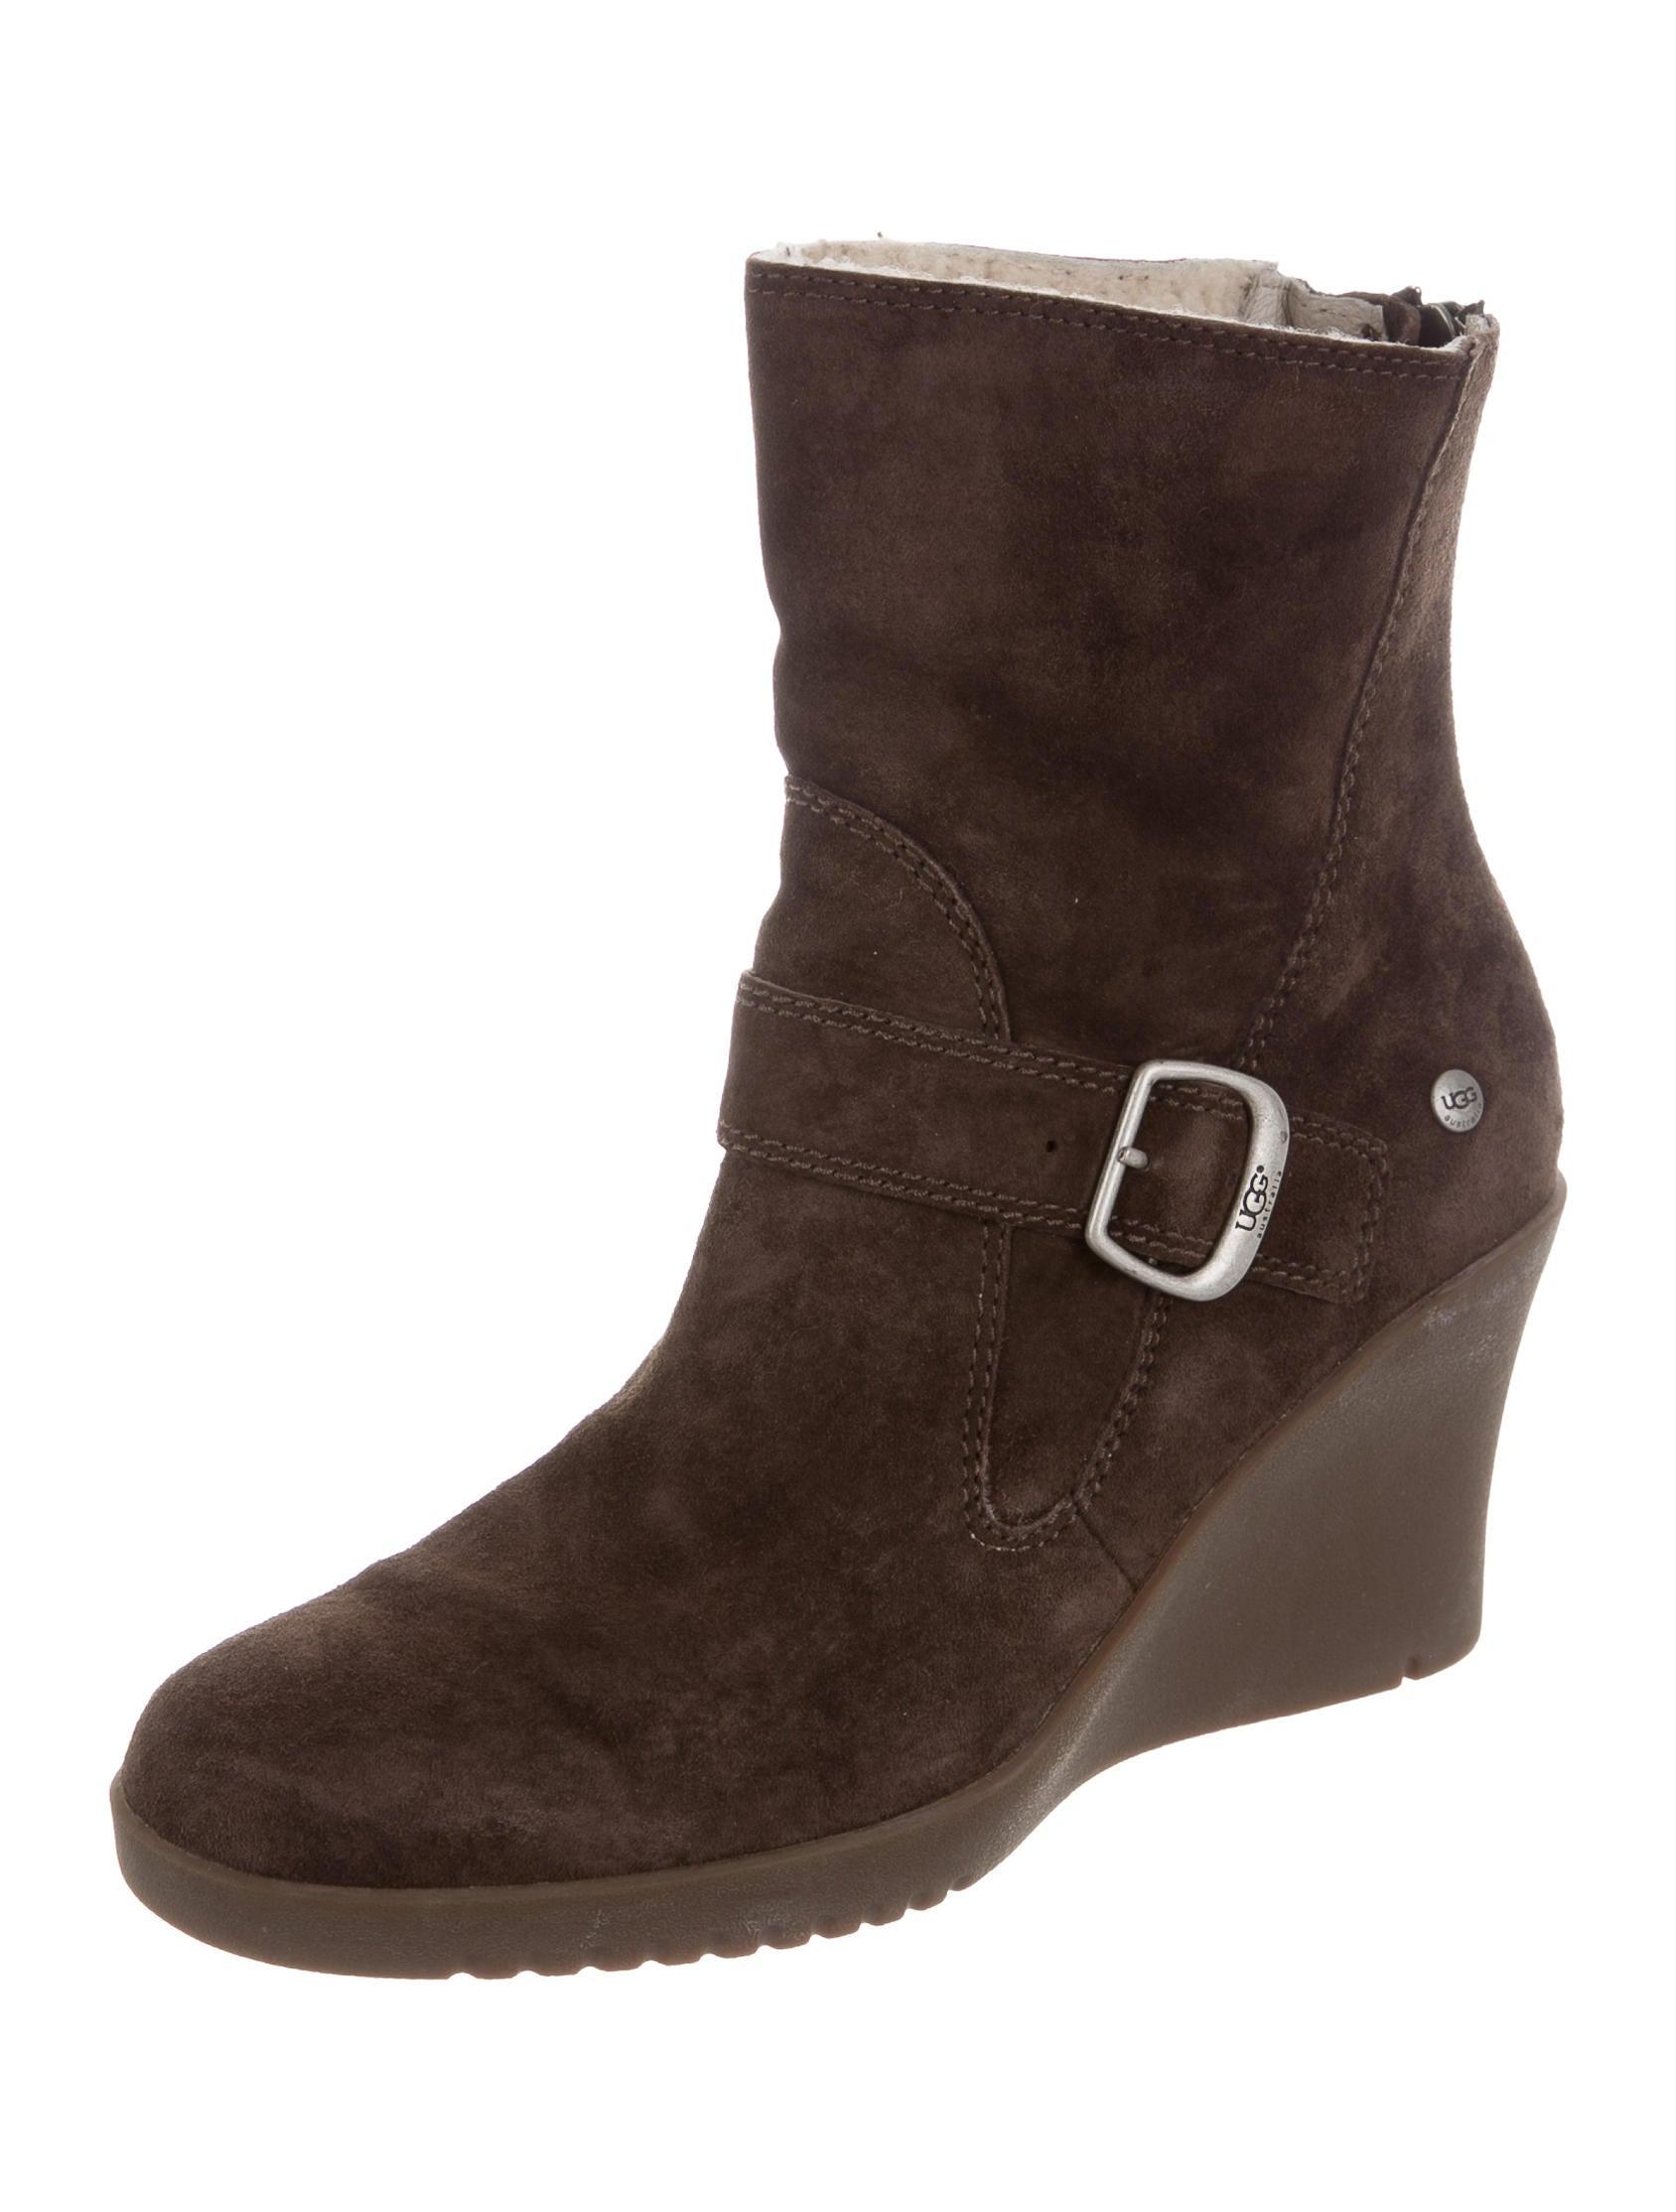 aa95a72895b3 Wedge Ugg Boots New Look